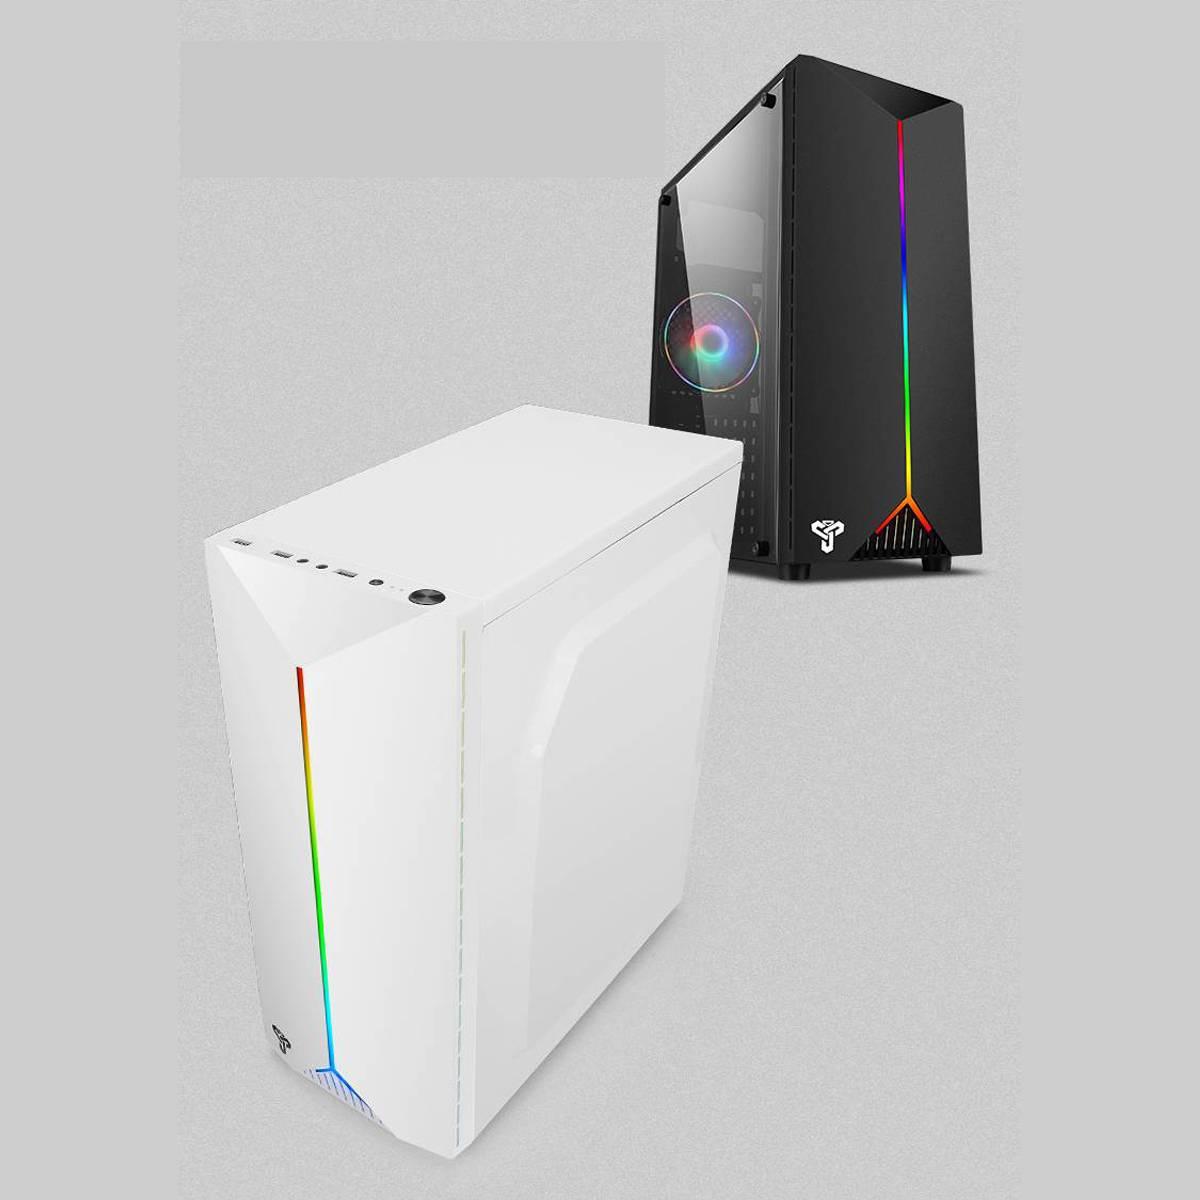 LEORY Gaming Pc boîtier acrylique Transparent panneaux latéraux concours électrique jeu avec RGB ceinture support USB3.0 4 ventilateur de refroidissement - 6